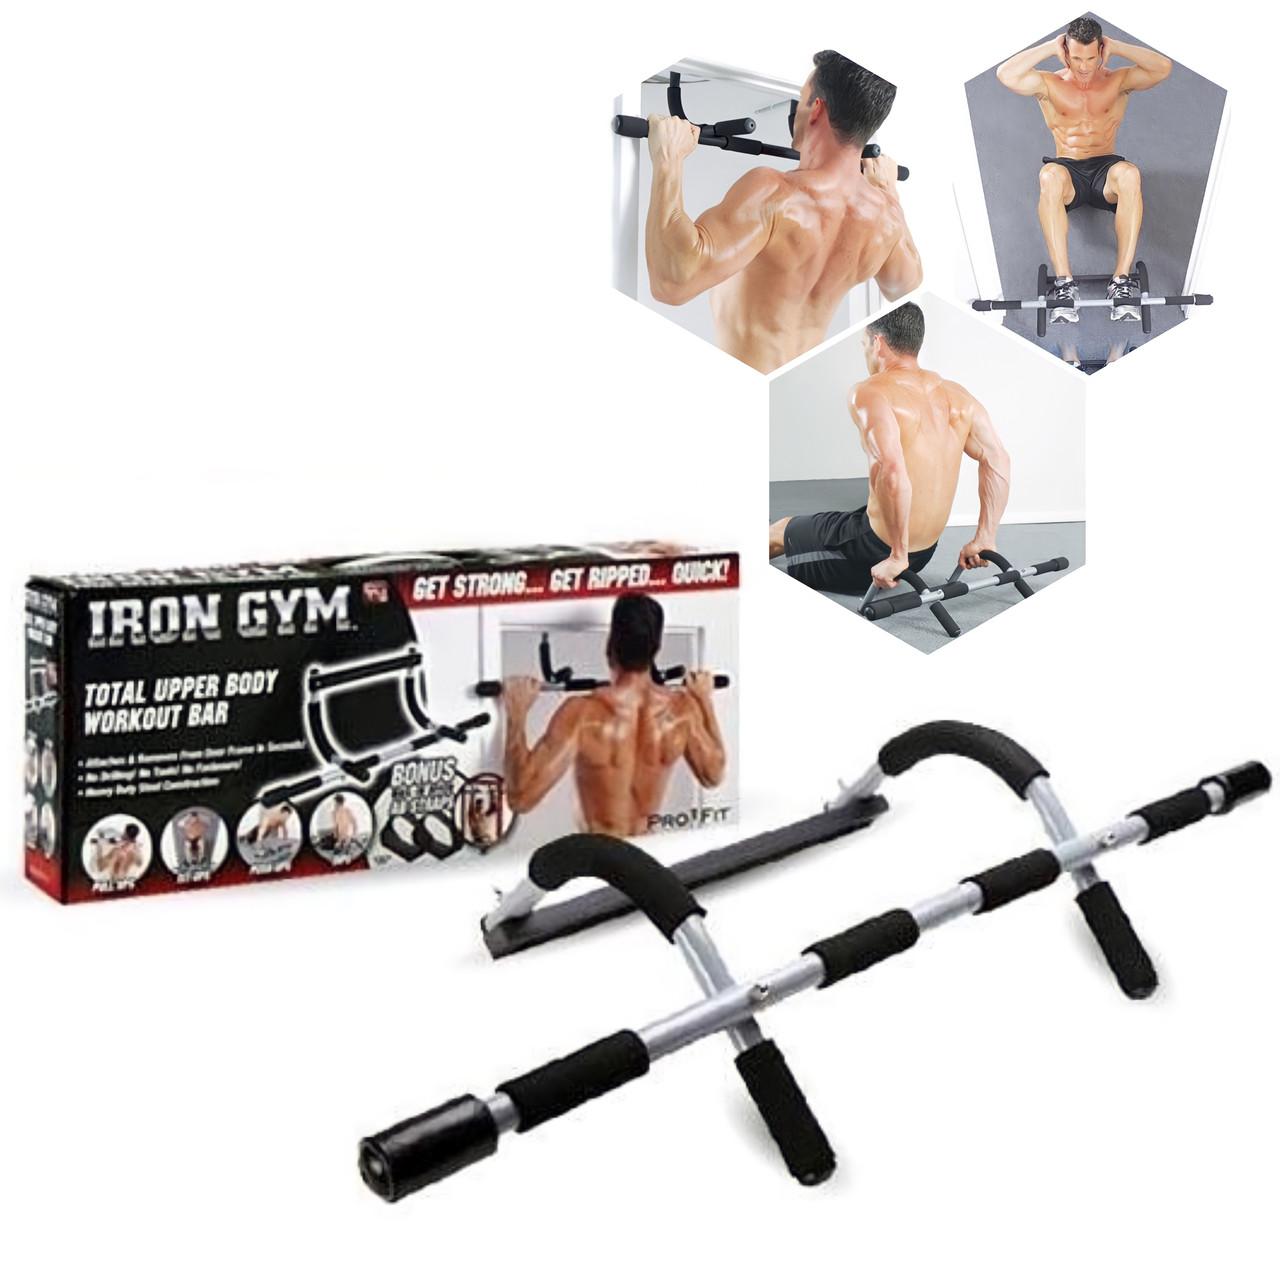 Универсальный домашний переносной тренажер Supretto Iron Gym в дверной проём | Дверной турник Iron Gym 4 в 1